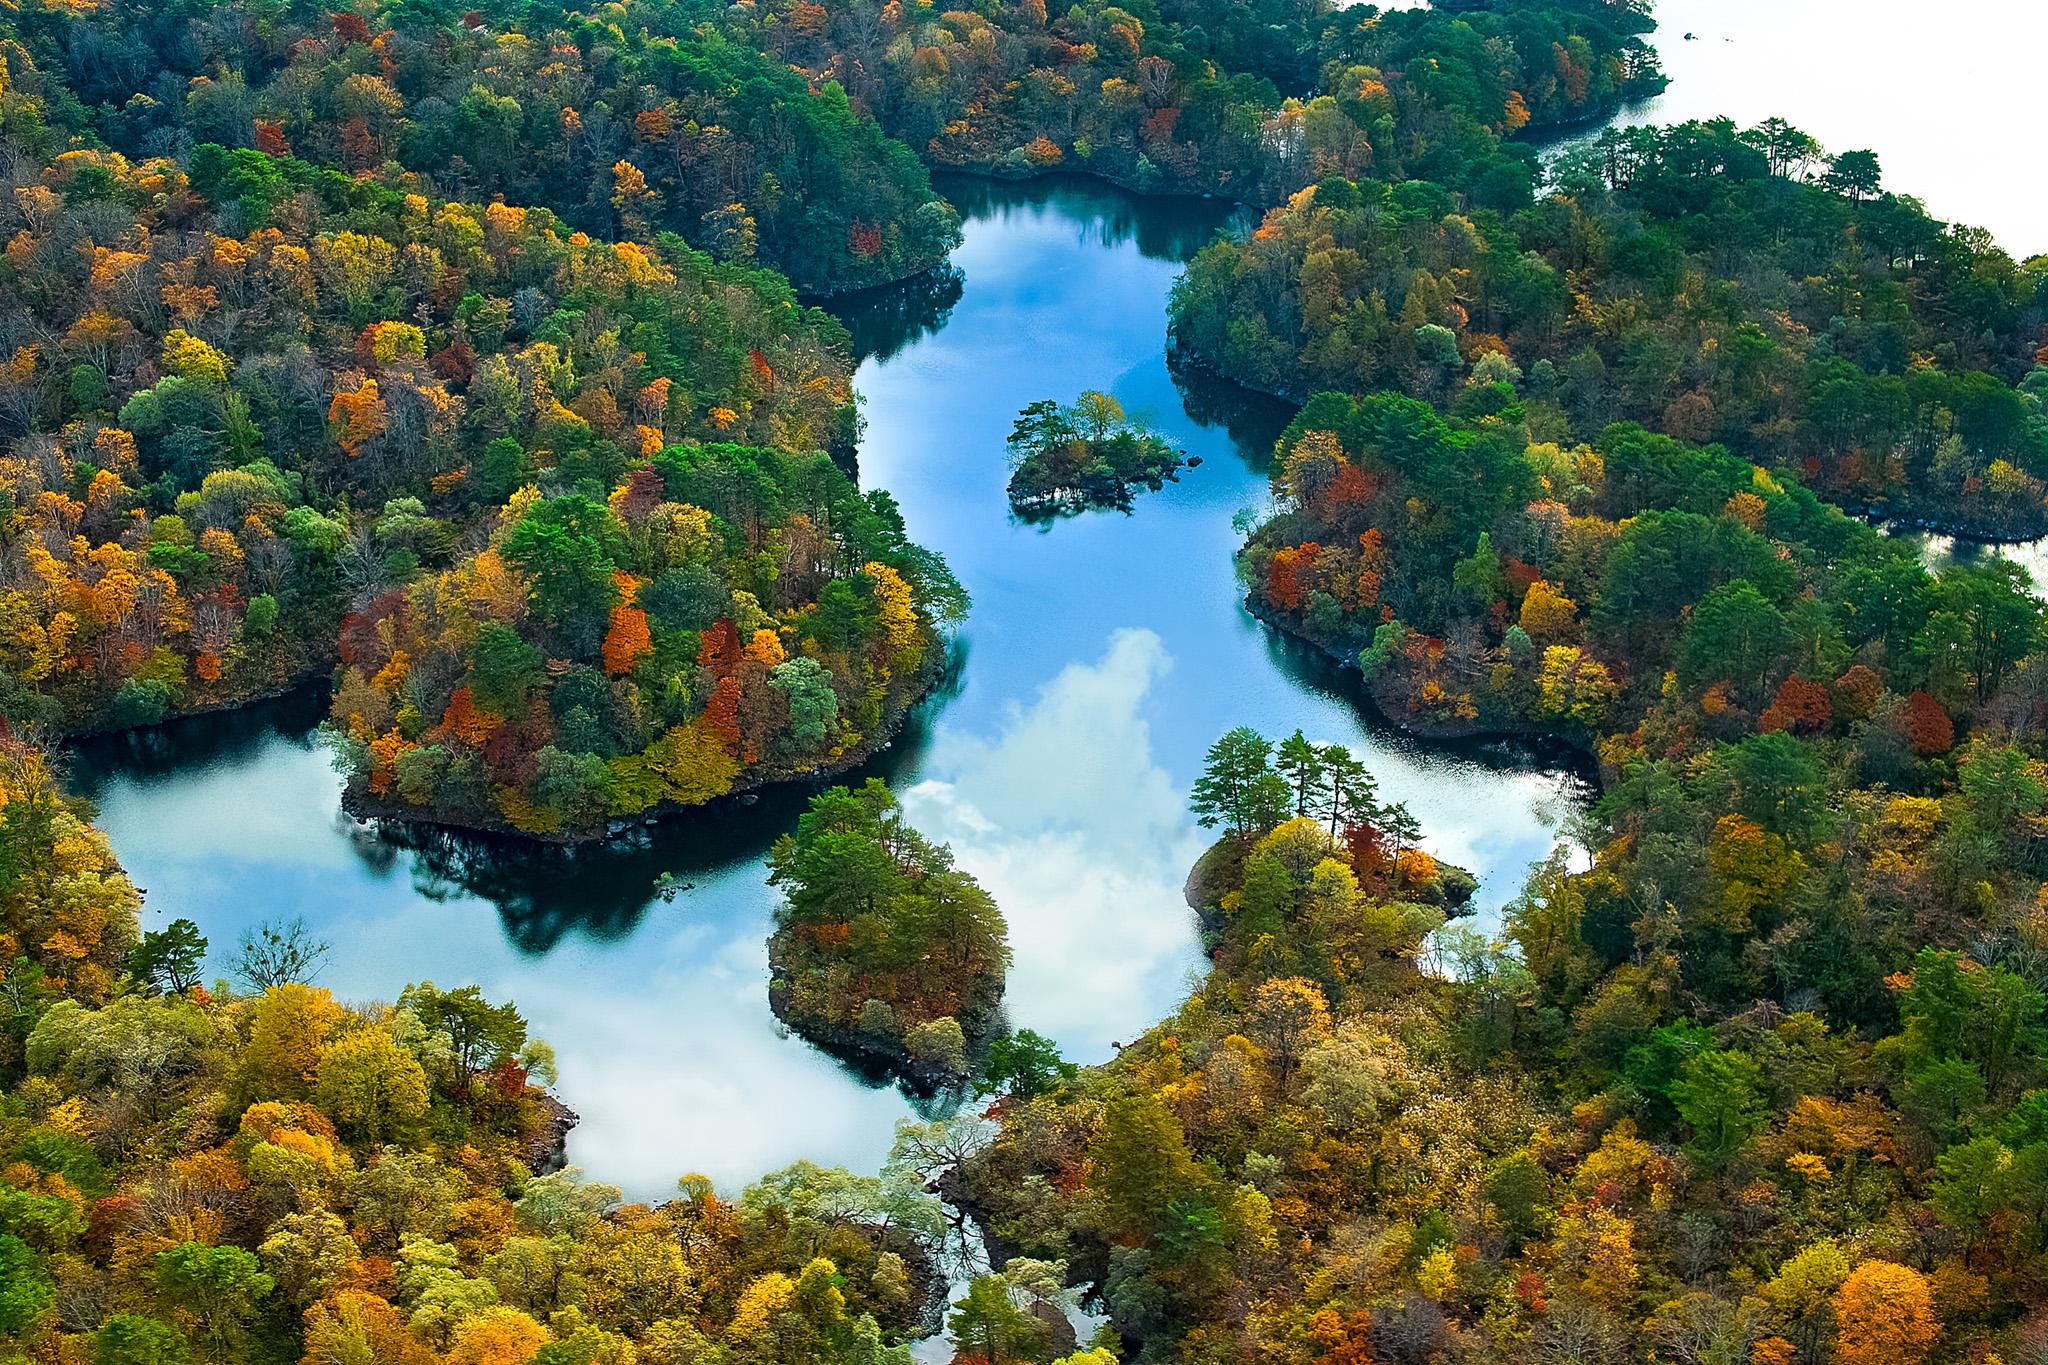 「色鮮やかな森に囲まれた湖」